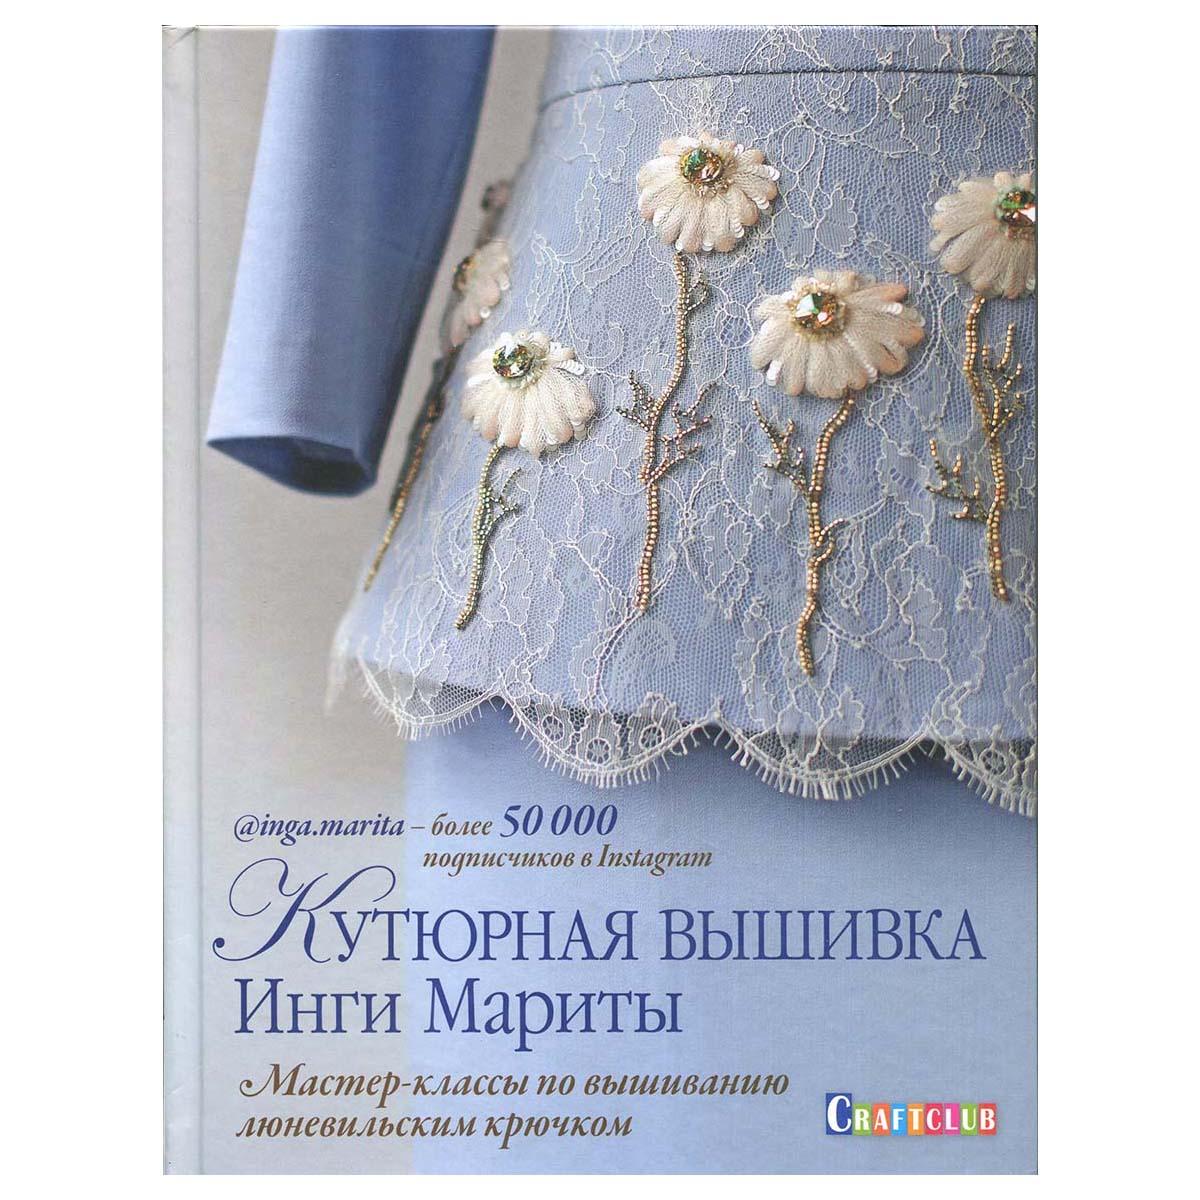 Кутюрная вышивка Инги Мариты:Мастер-Классы по вышиванию люневильским крючком.